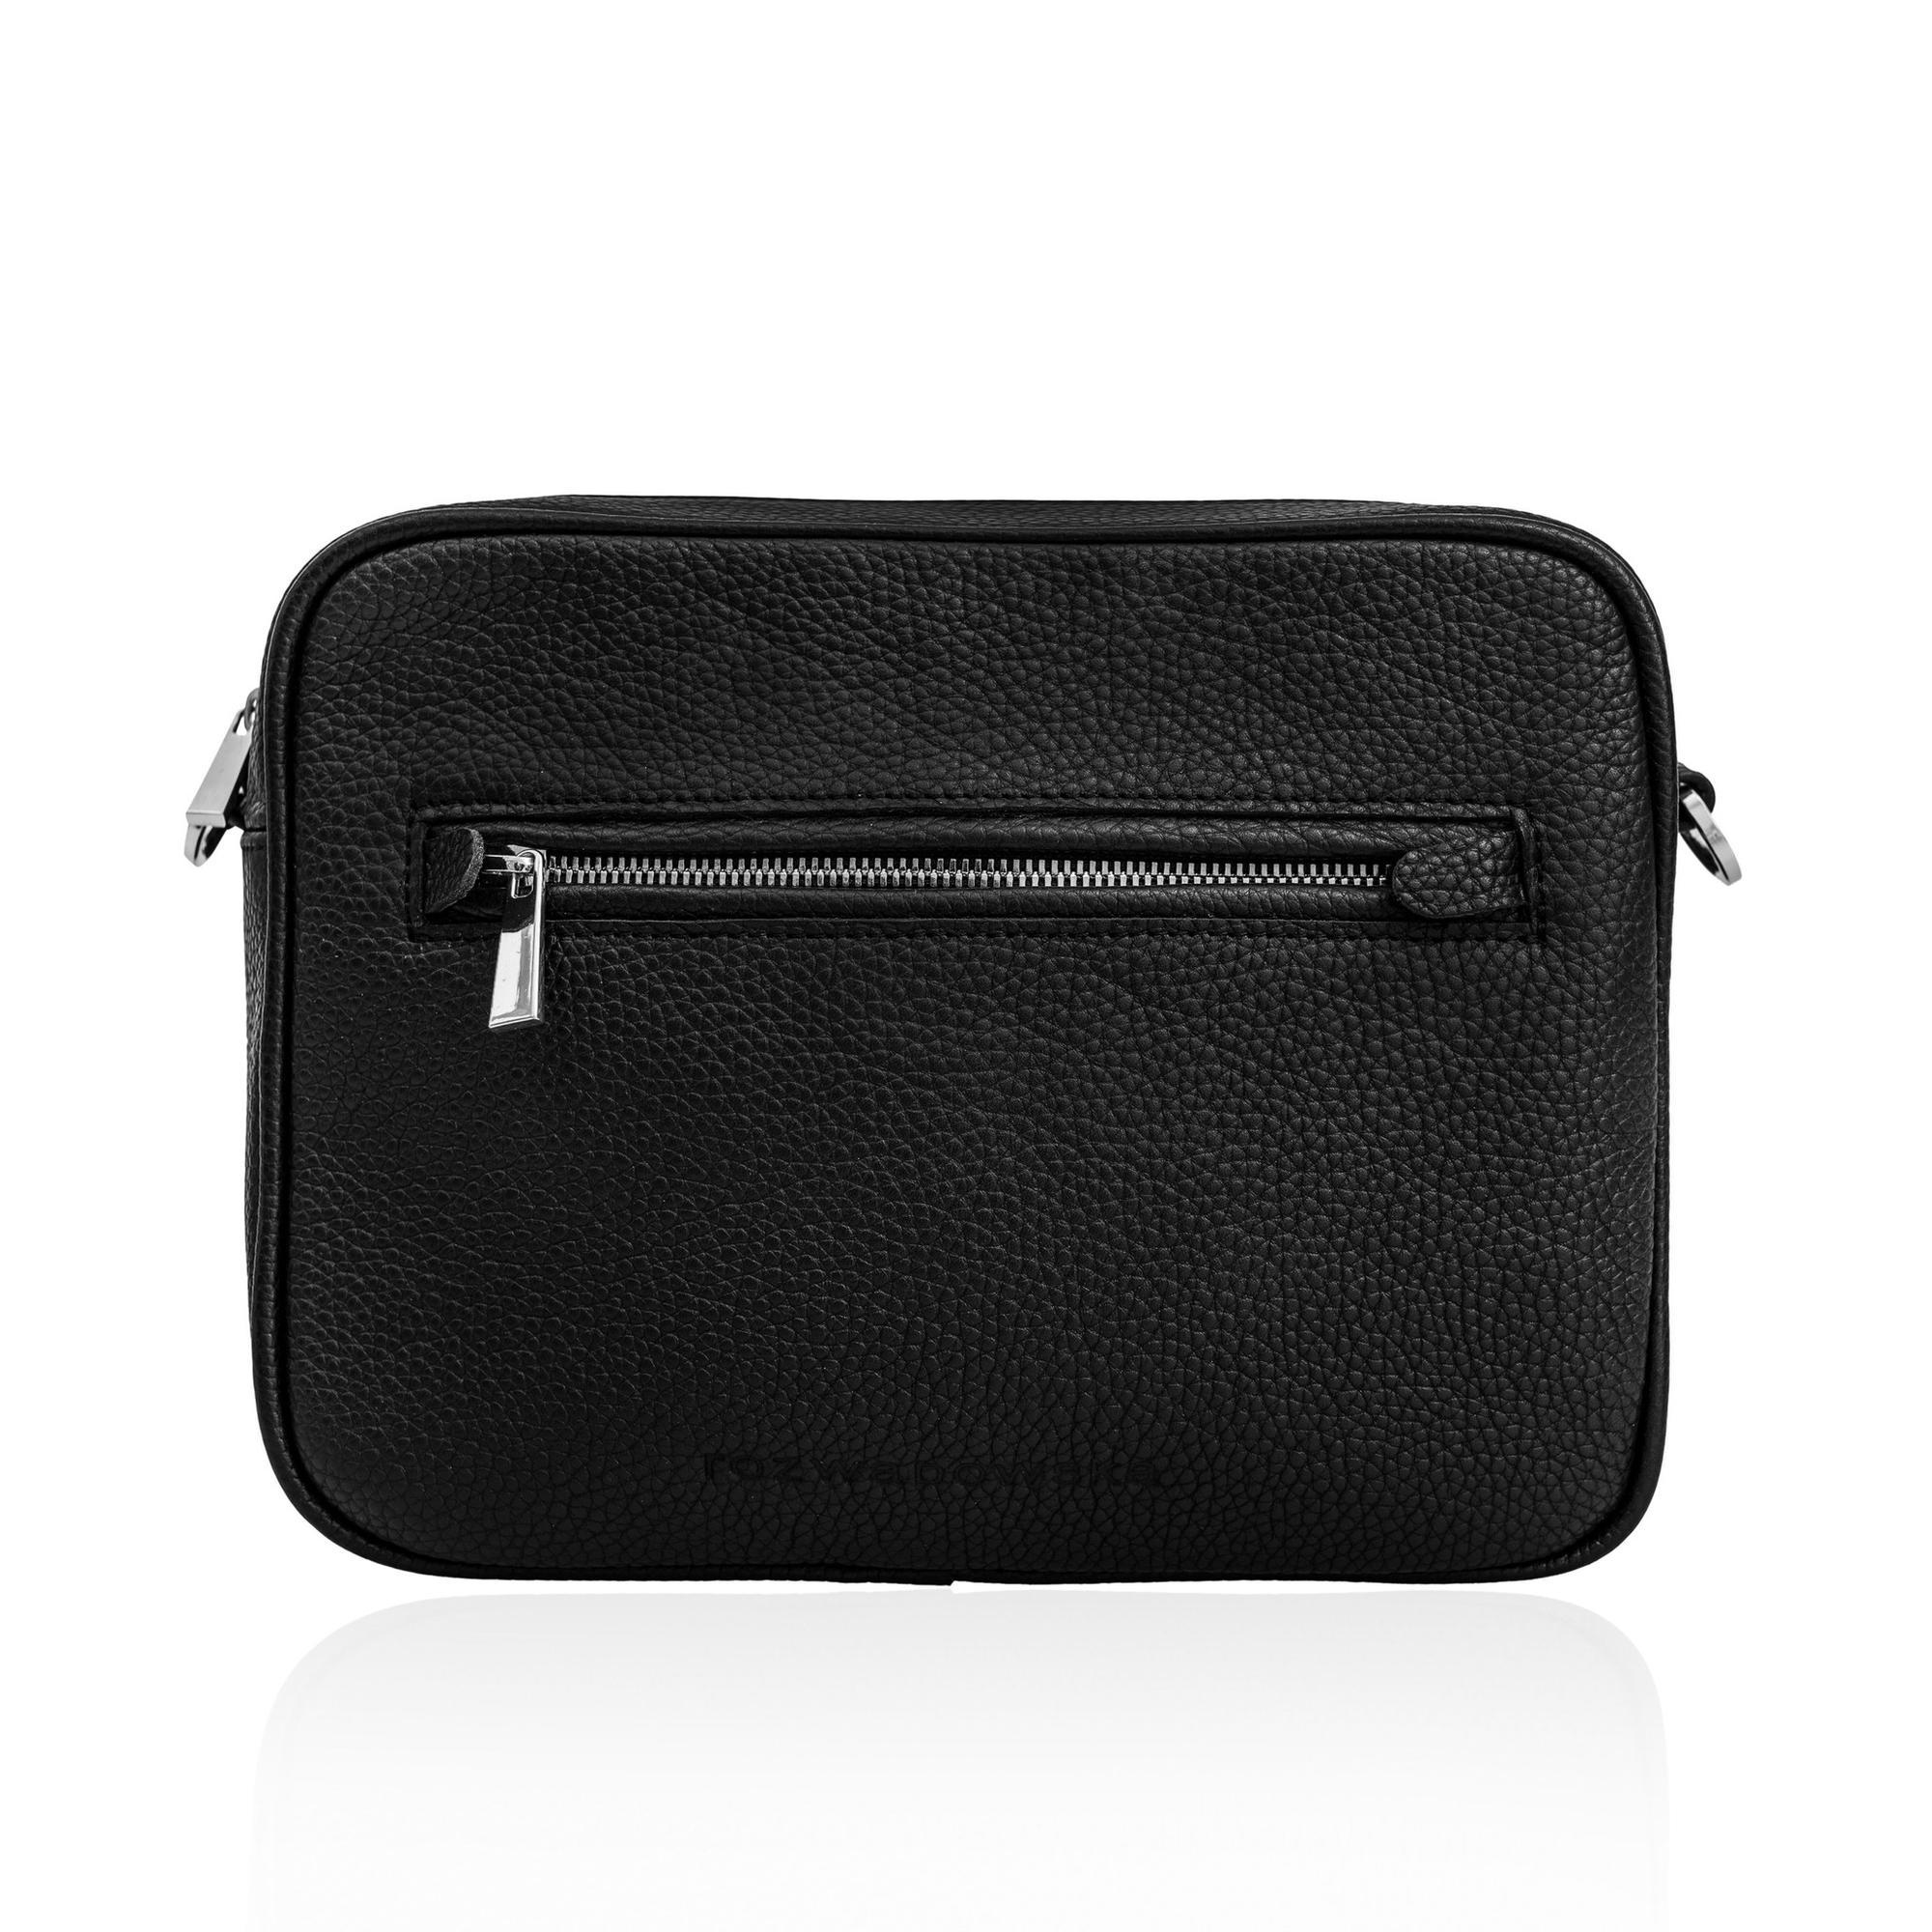 Czarna torebka ze BOXY BAG BLACK - Rozwadowska Bags